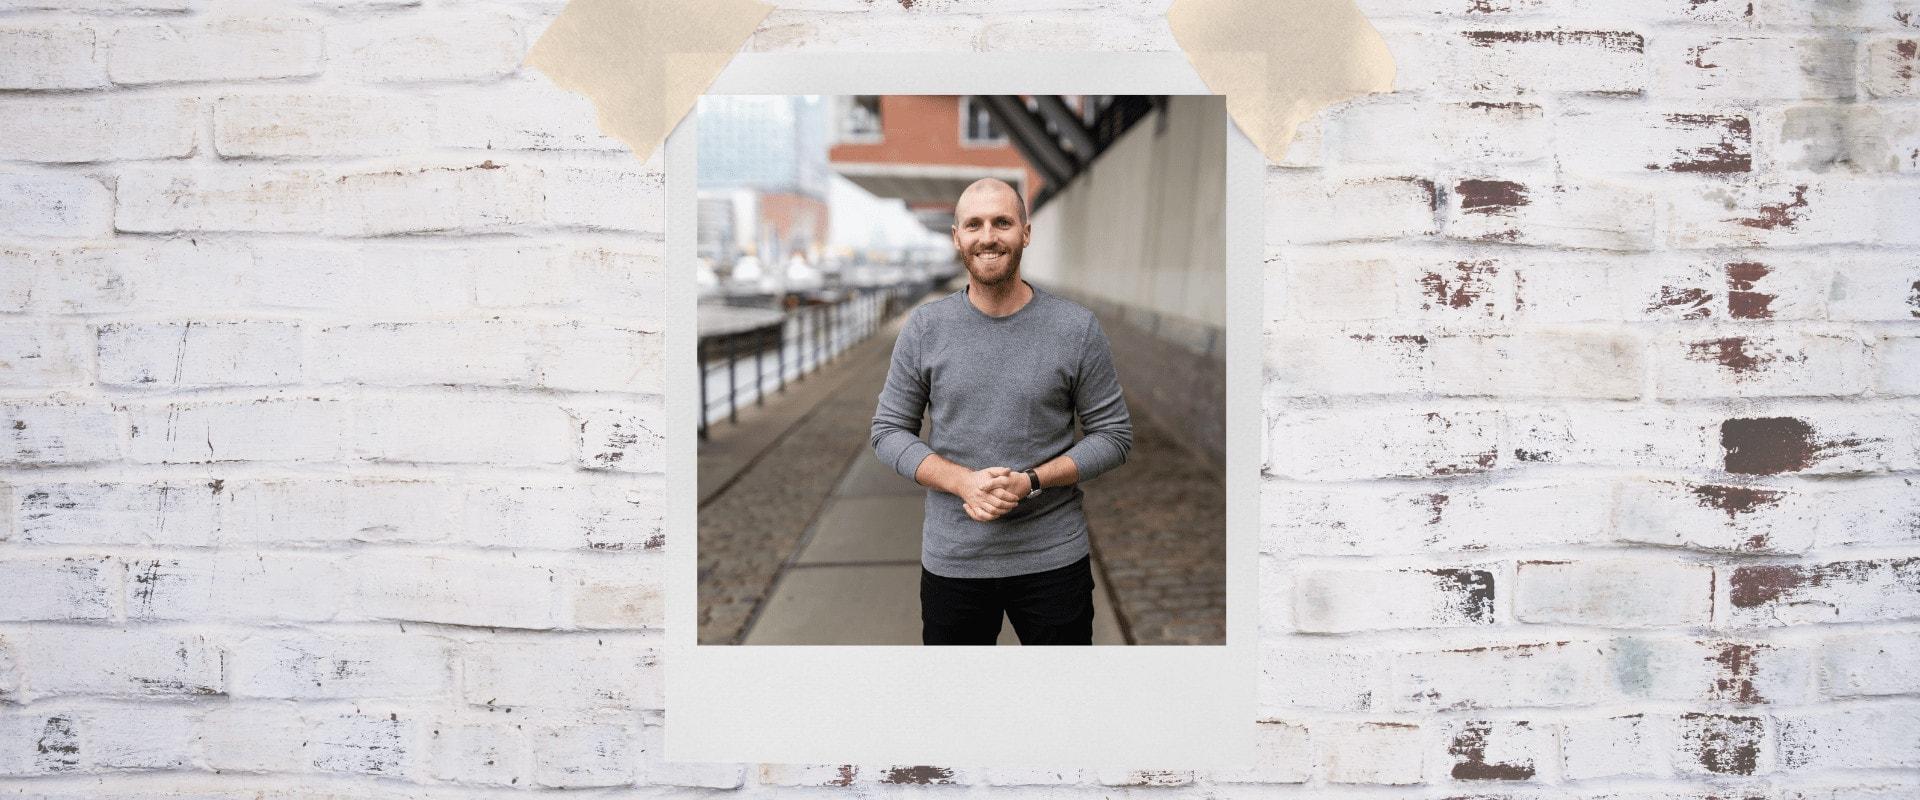 Eigenes Business starten: Wie du die richtige Entscheidung triffst Machen! Podcast